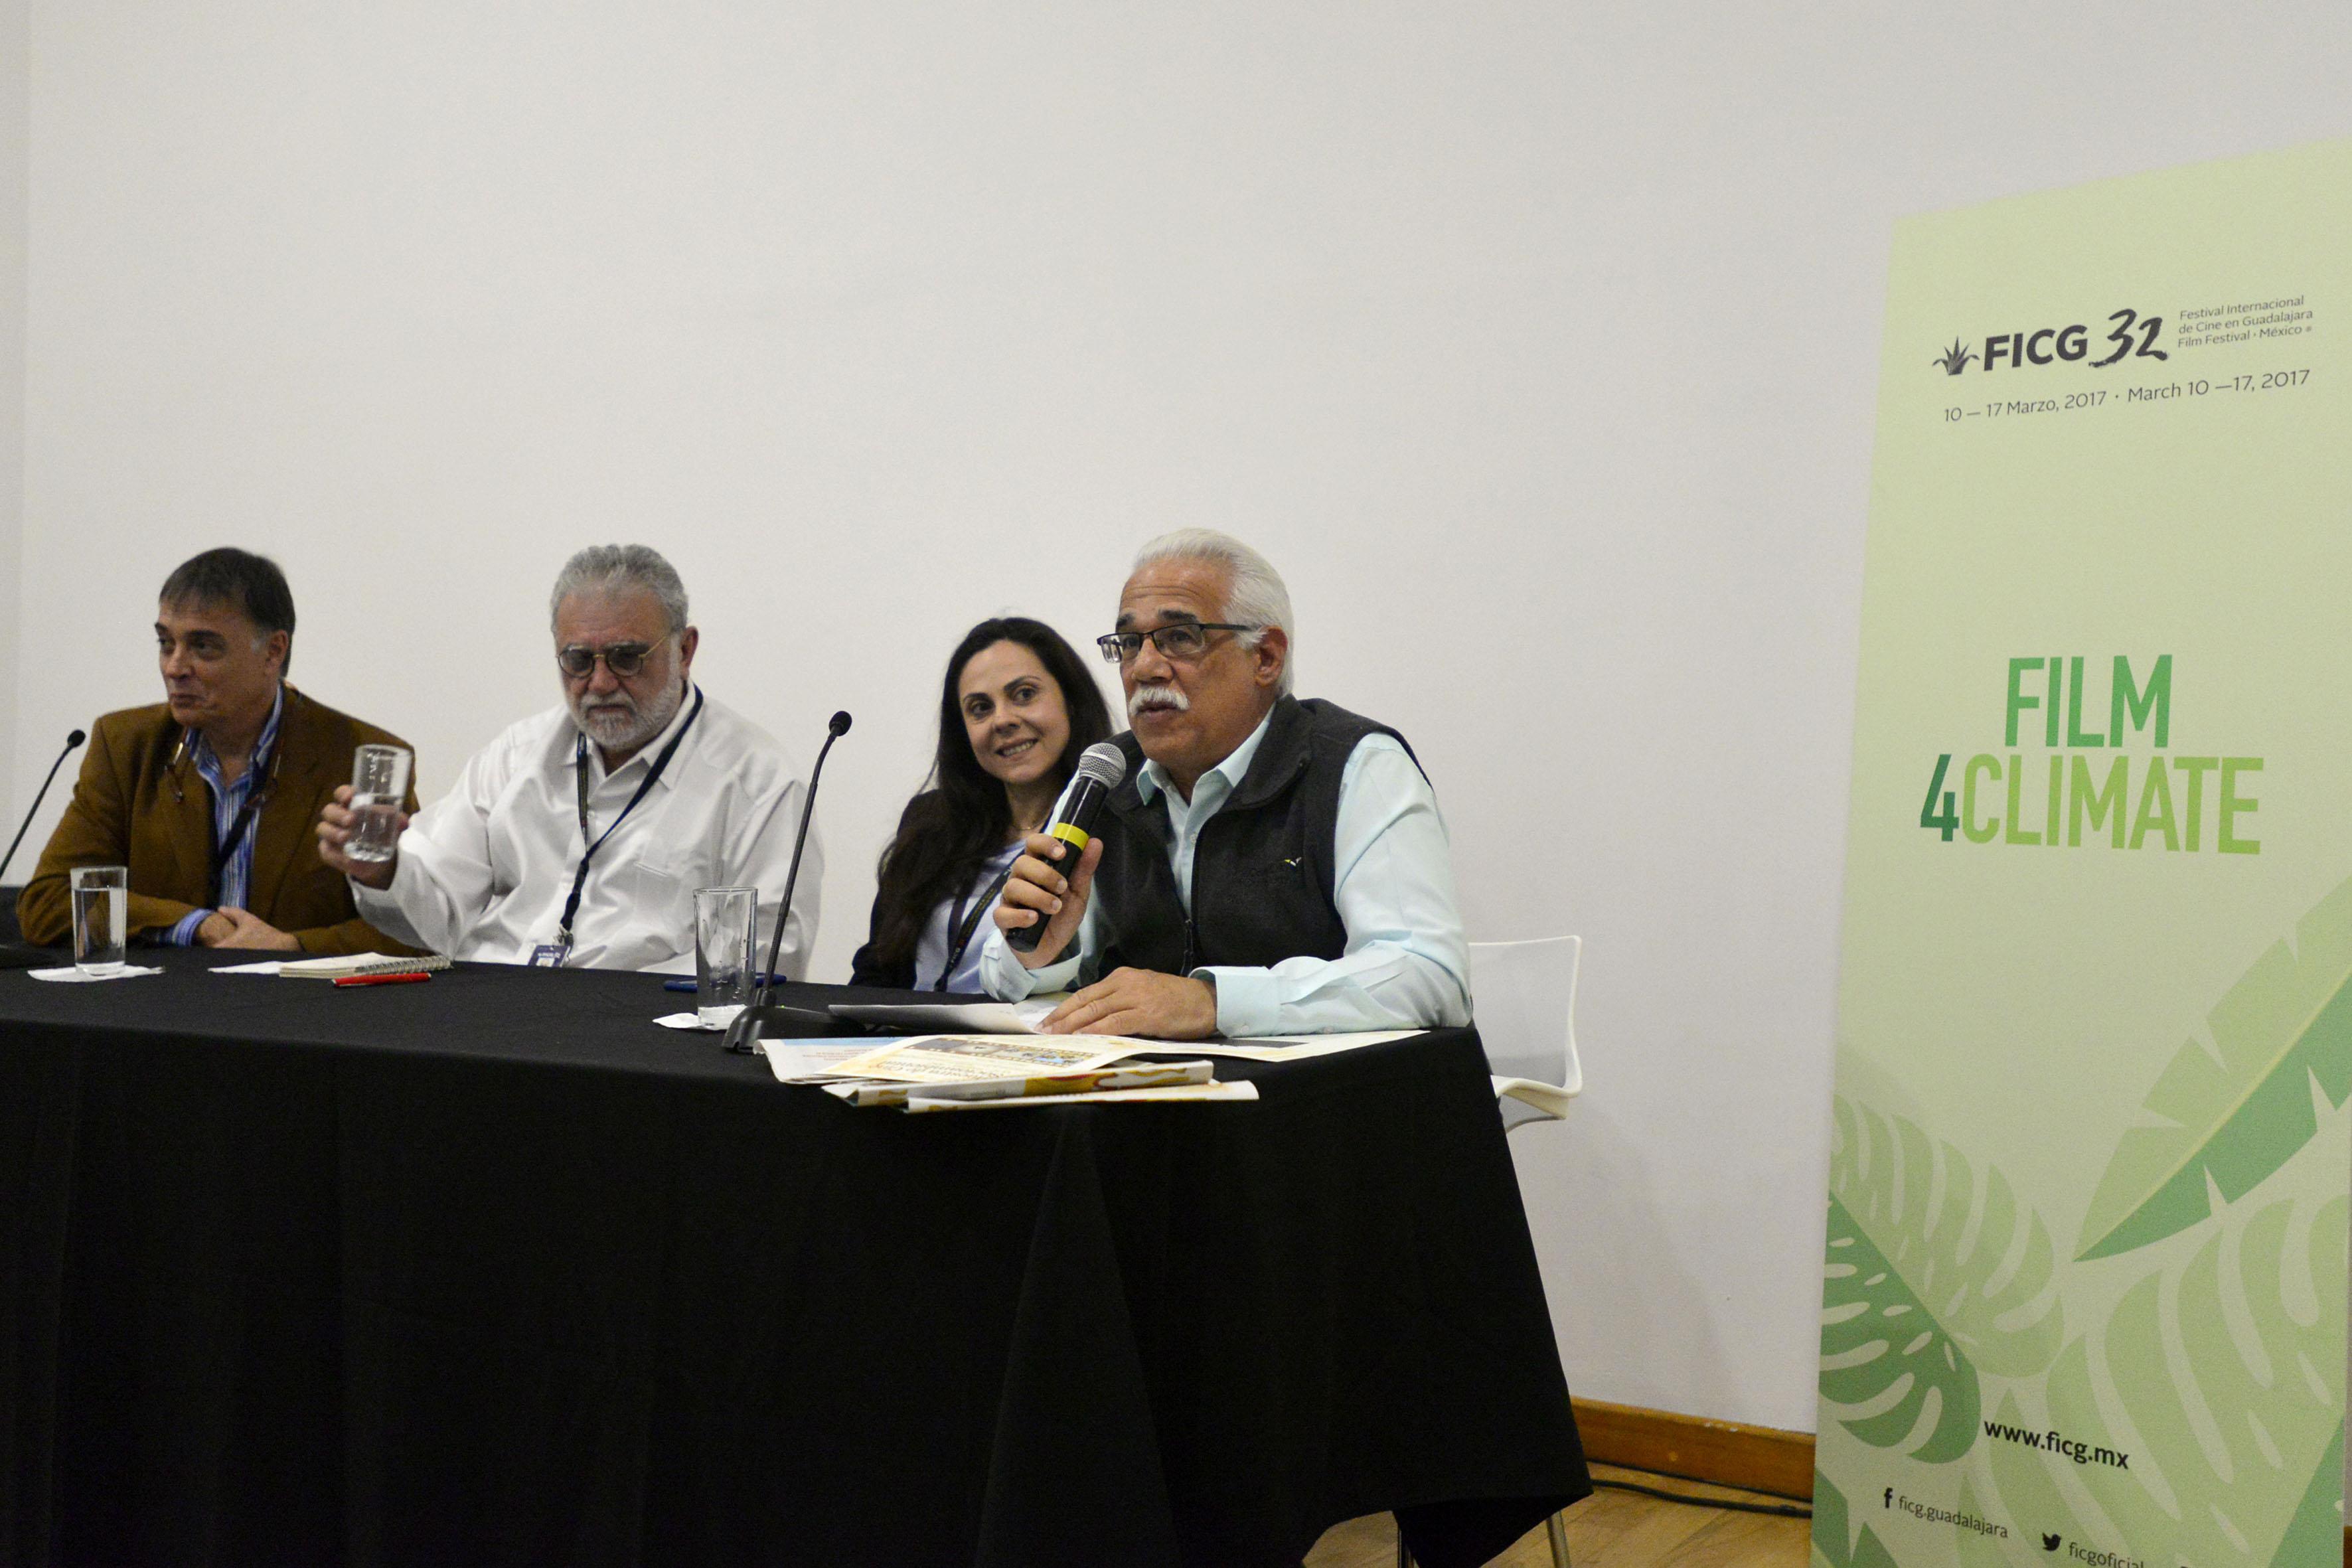 Coordinador general del Museo de Ciencias Ambientales, doctor Eduardo Santana Castellón haciendo uso de la palabra